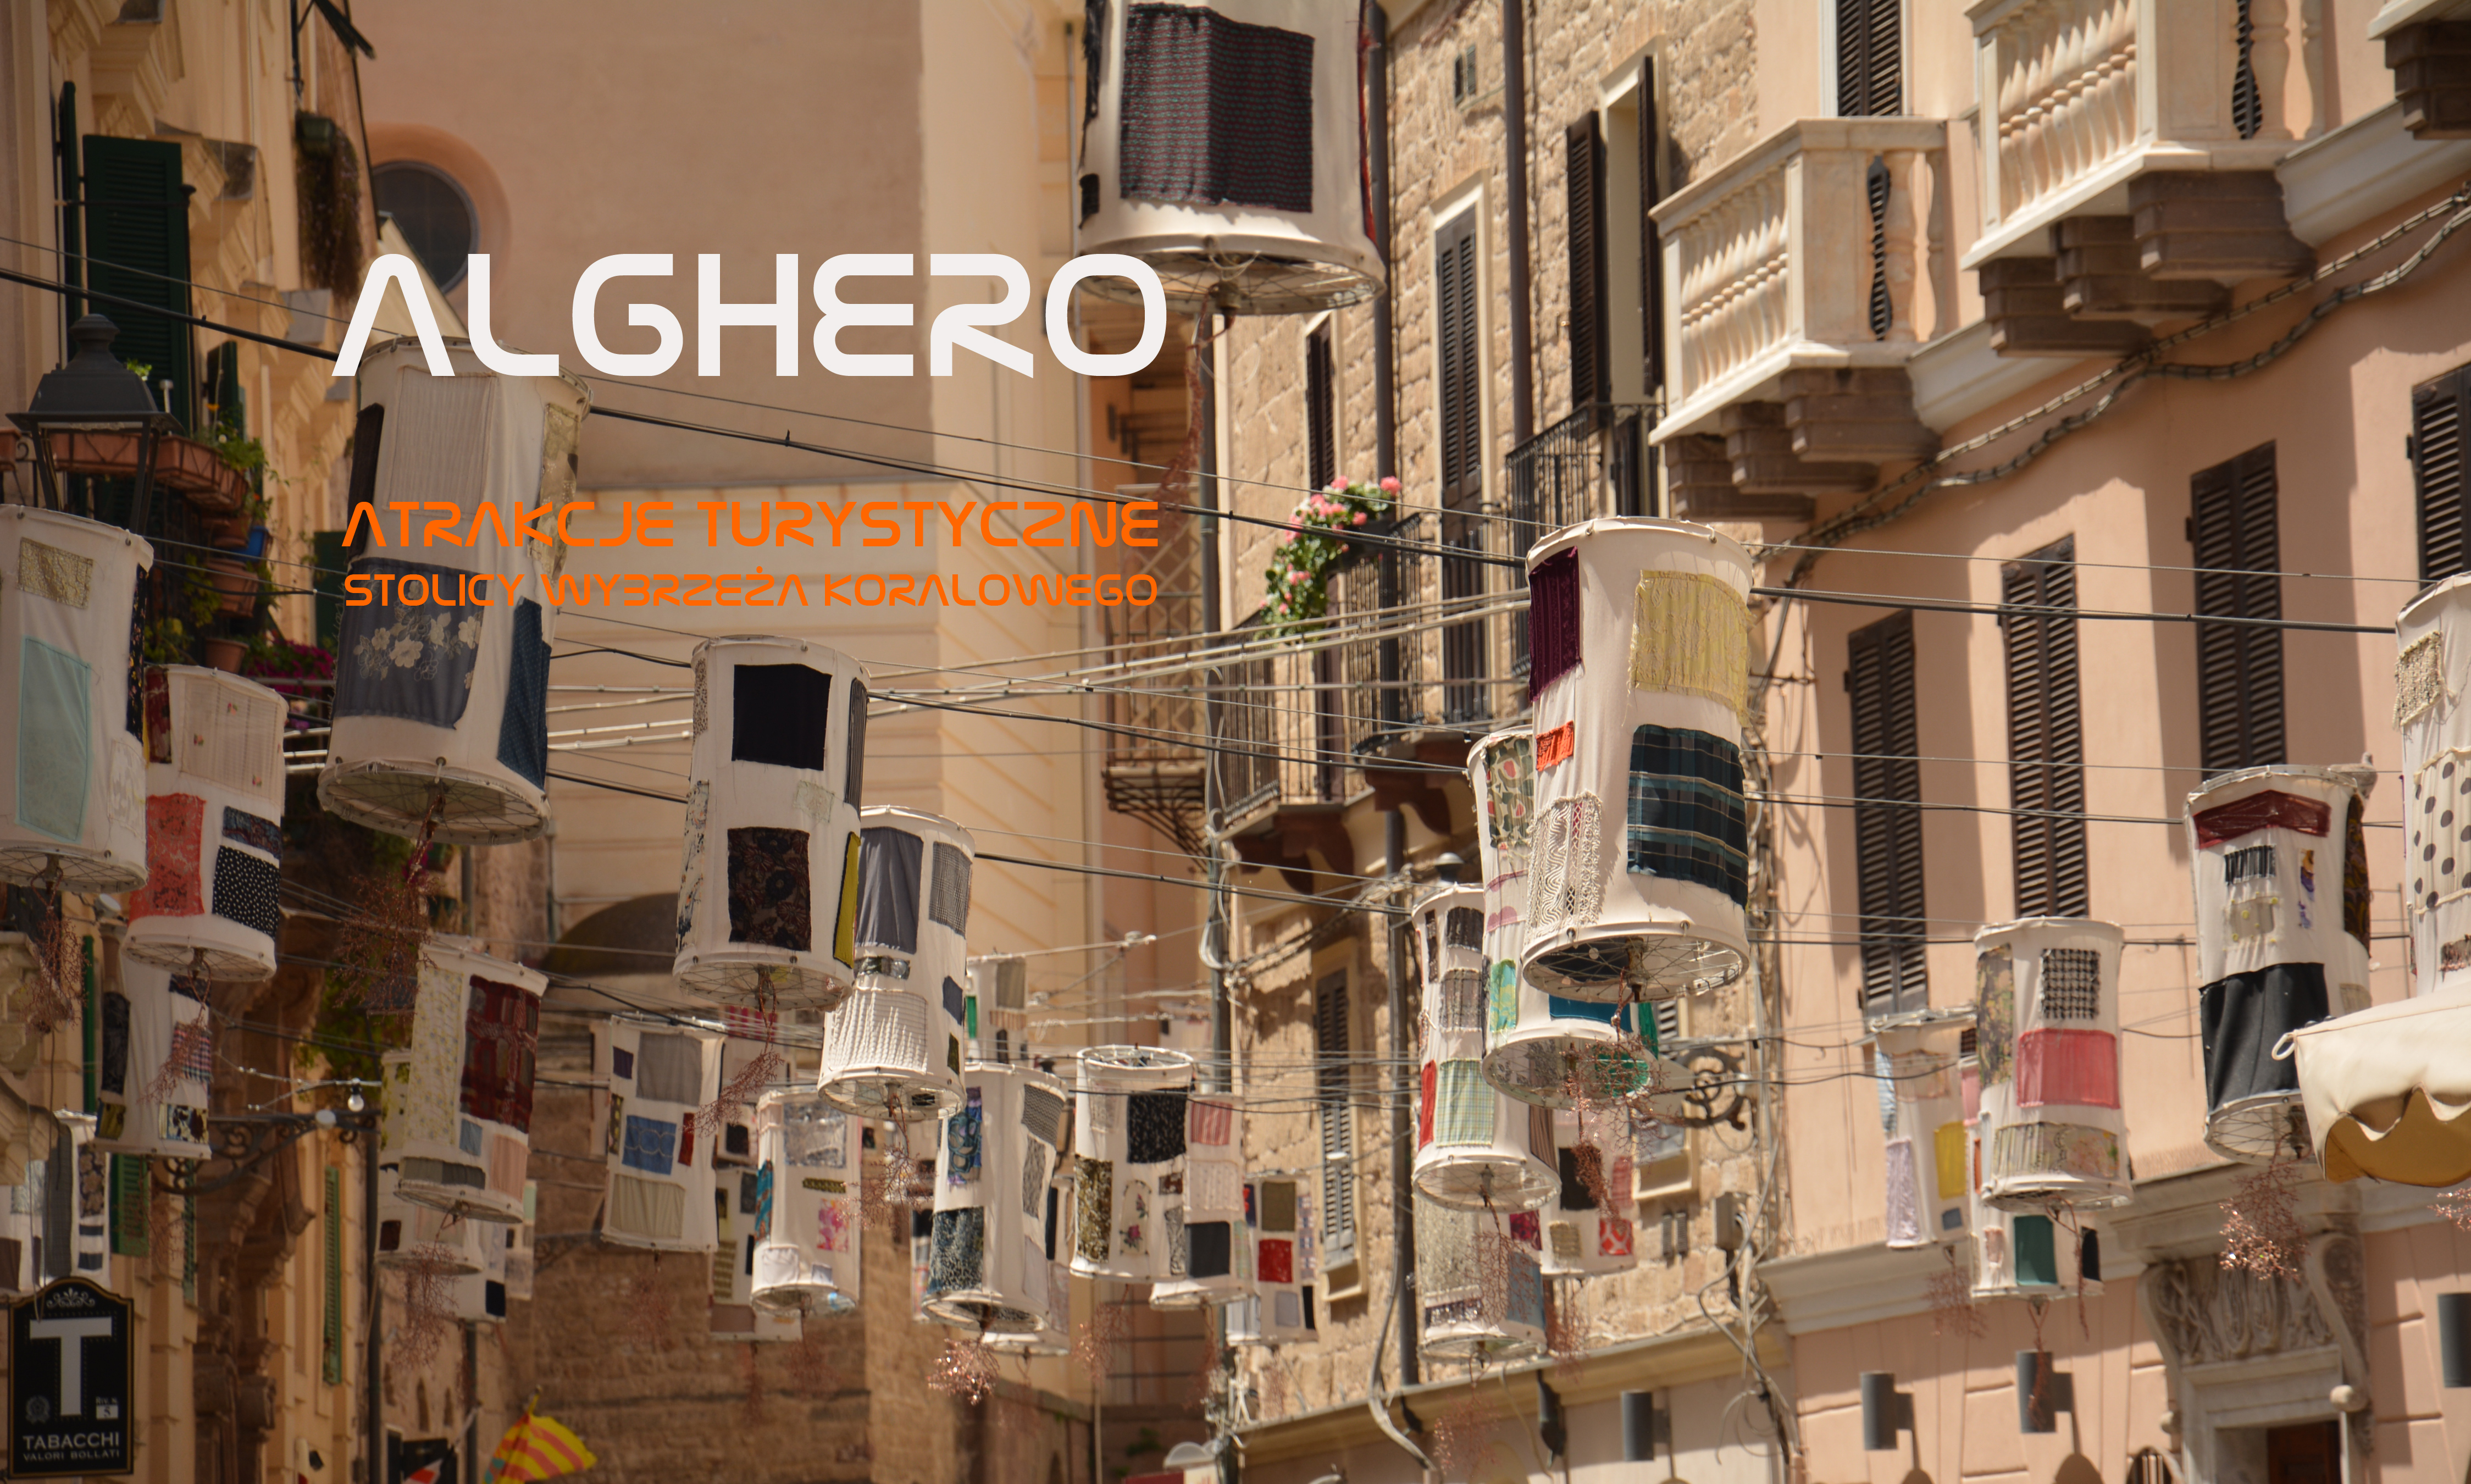 Alghero atrakcje turystyczne